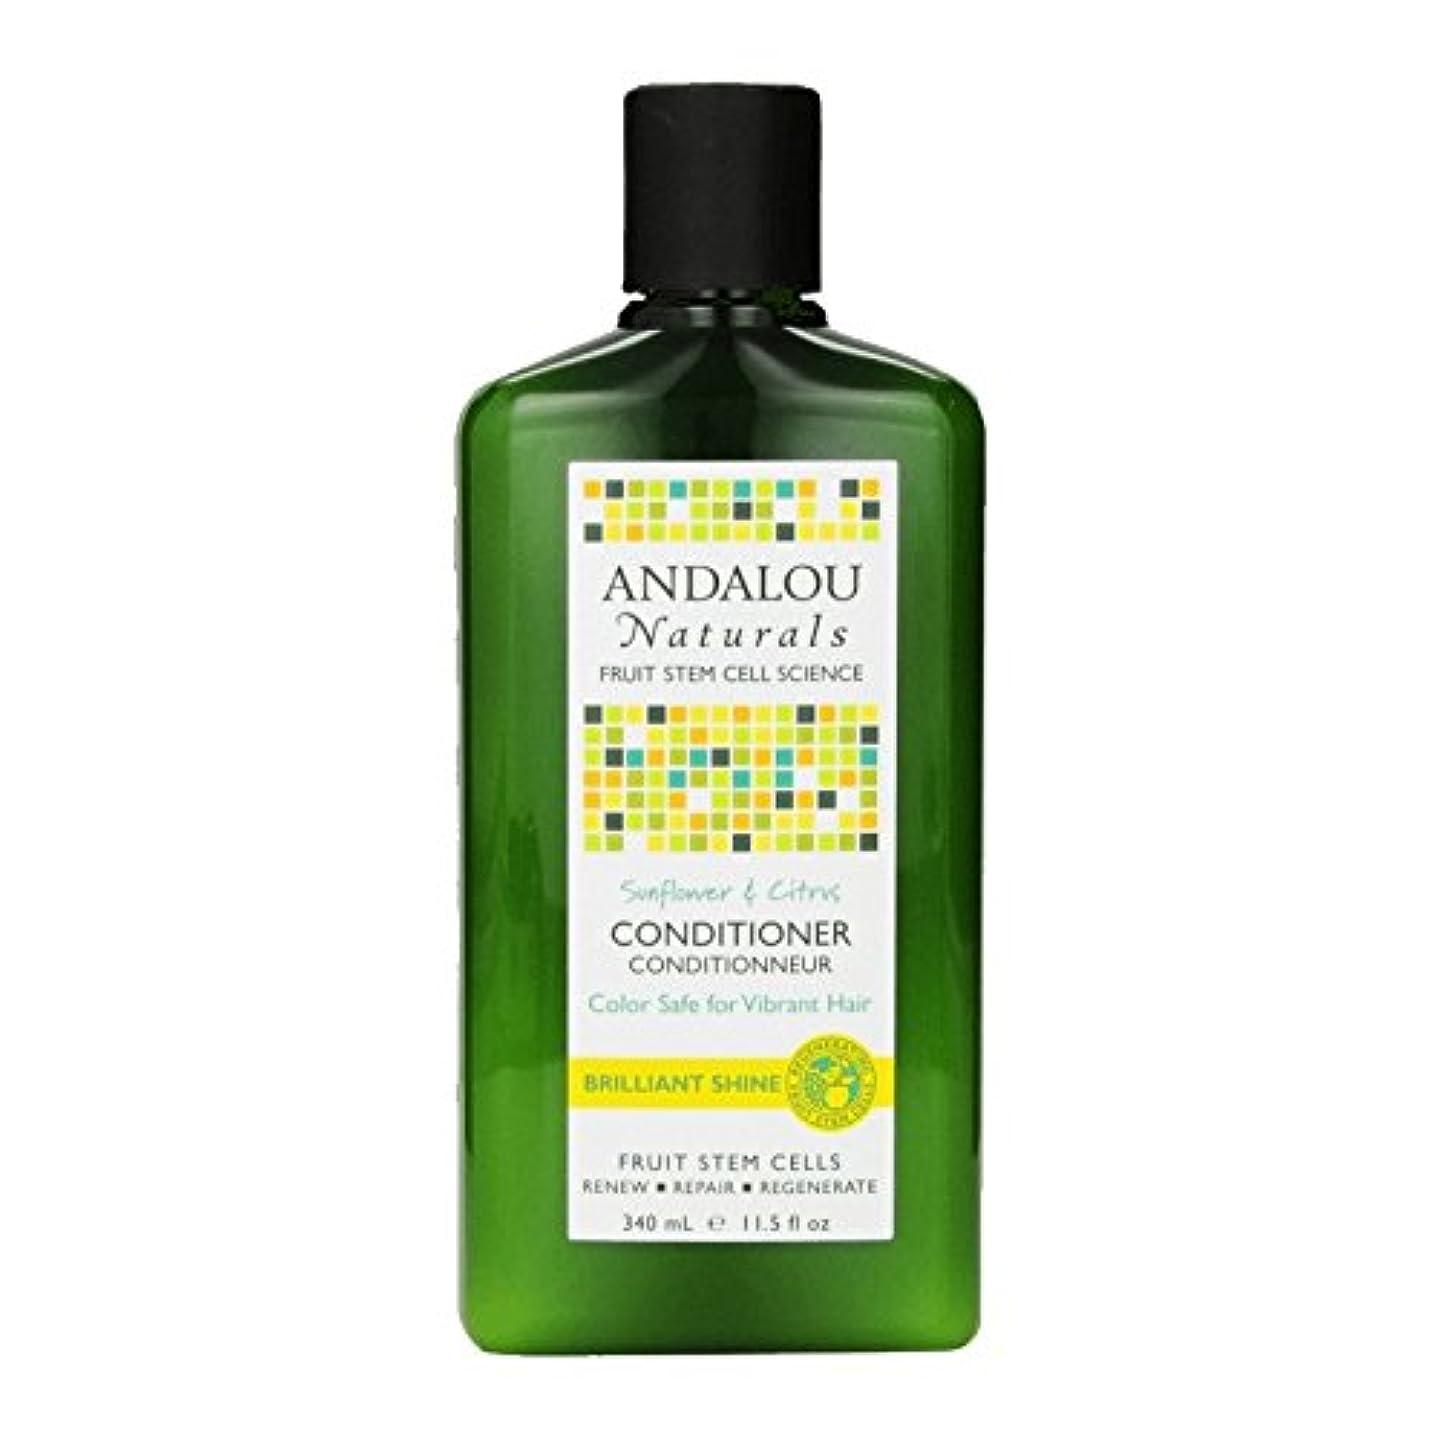 閉じる組拡張Andalou Sunflower & Citrus Brilliant Shine Conditioner 340ml (Pack of 2) - アンダロウひまわり&シトラス鮮やかな輝きコンディショナー340ミリリットル (x2) [並行輸入品]